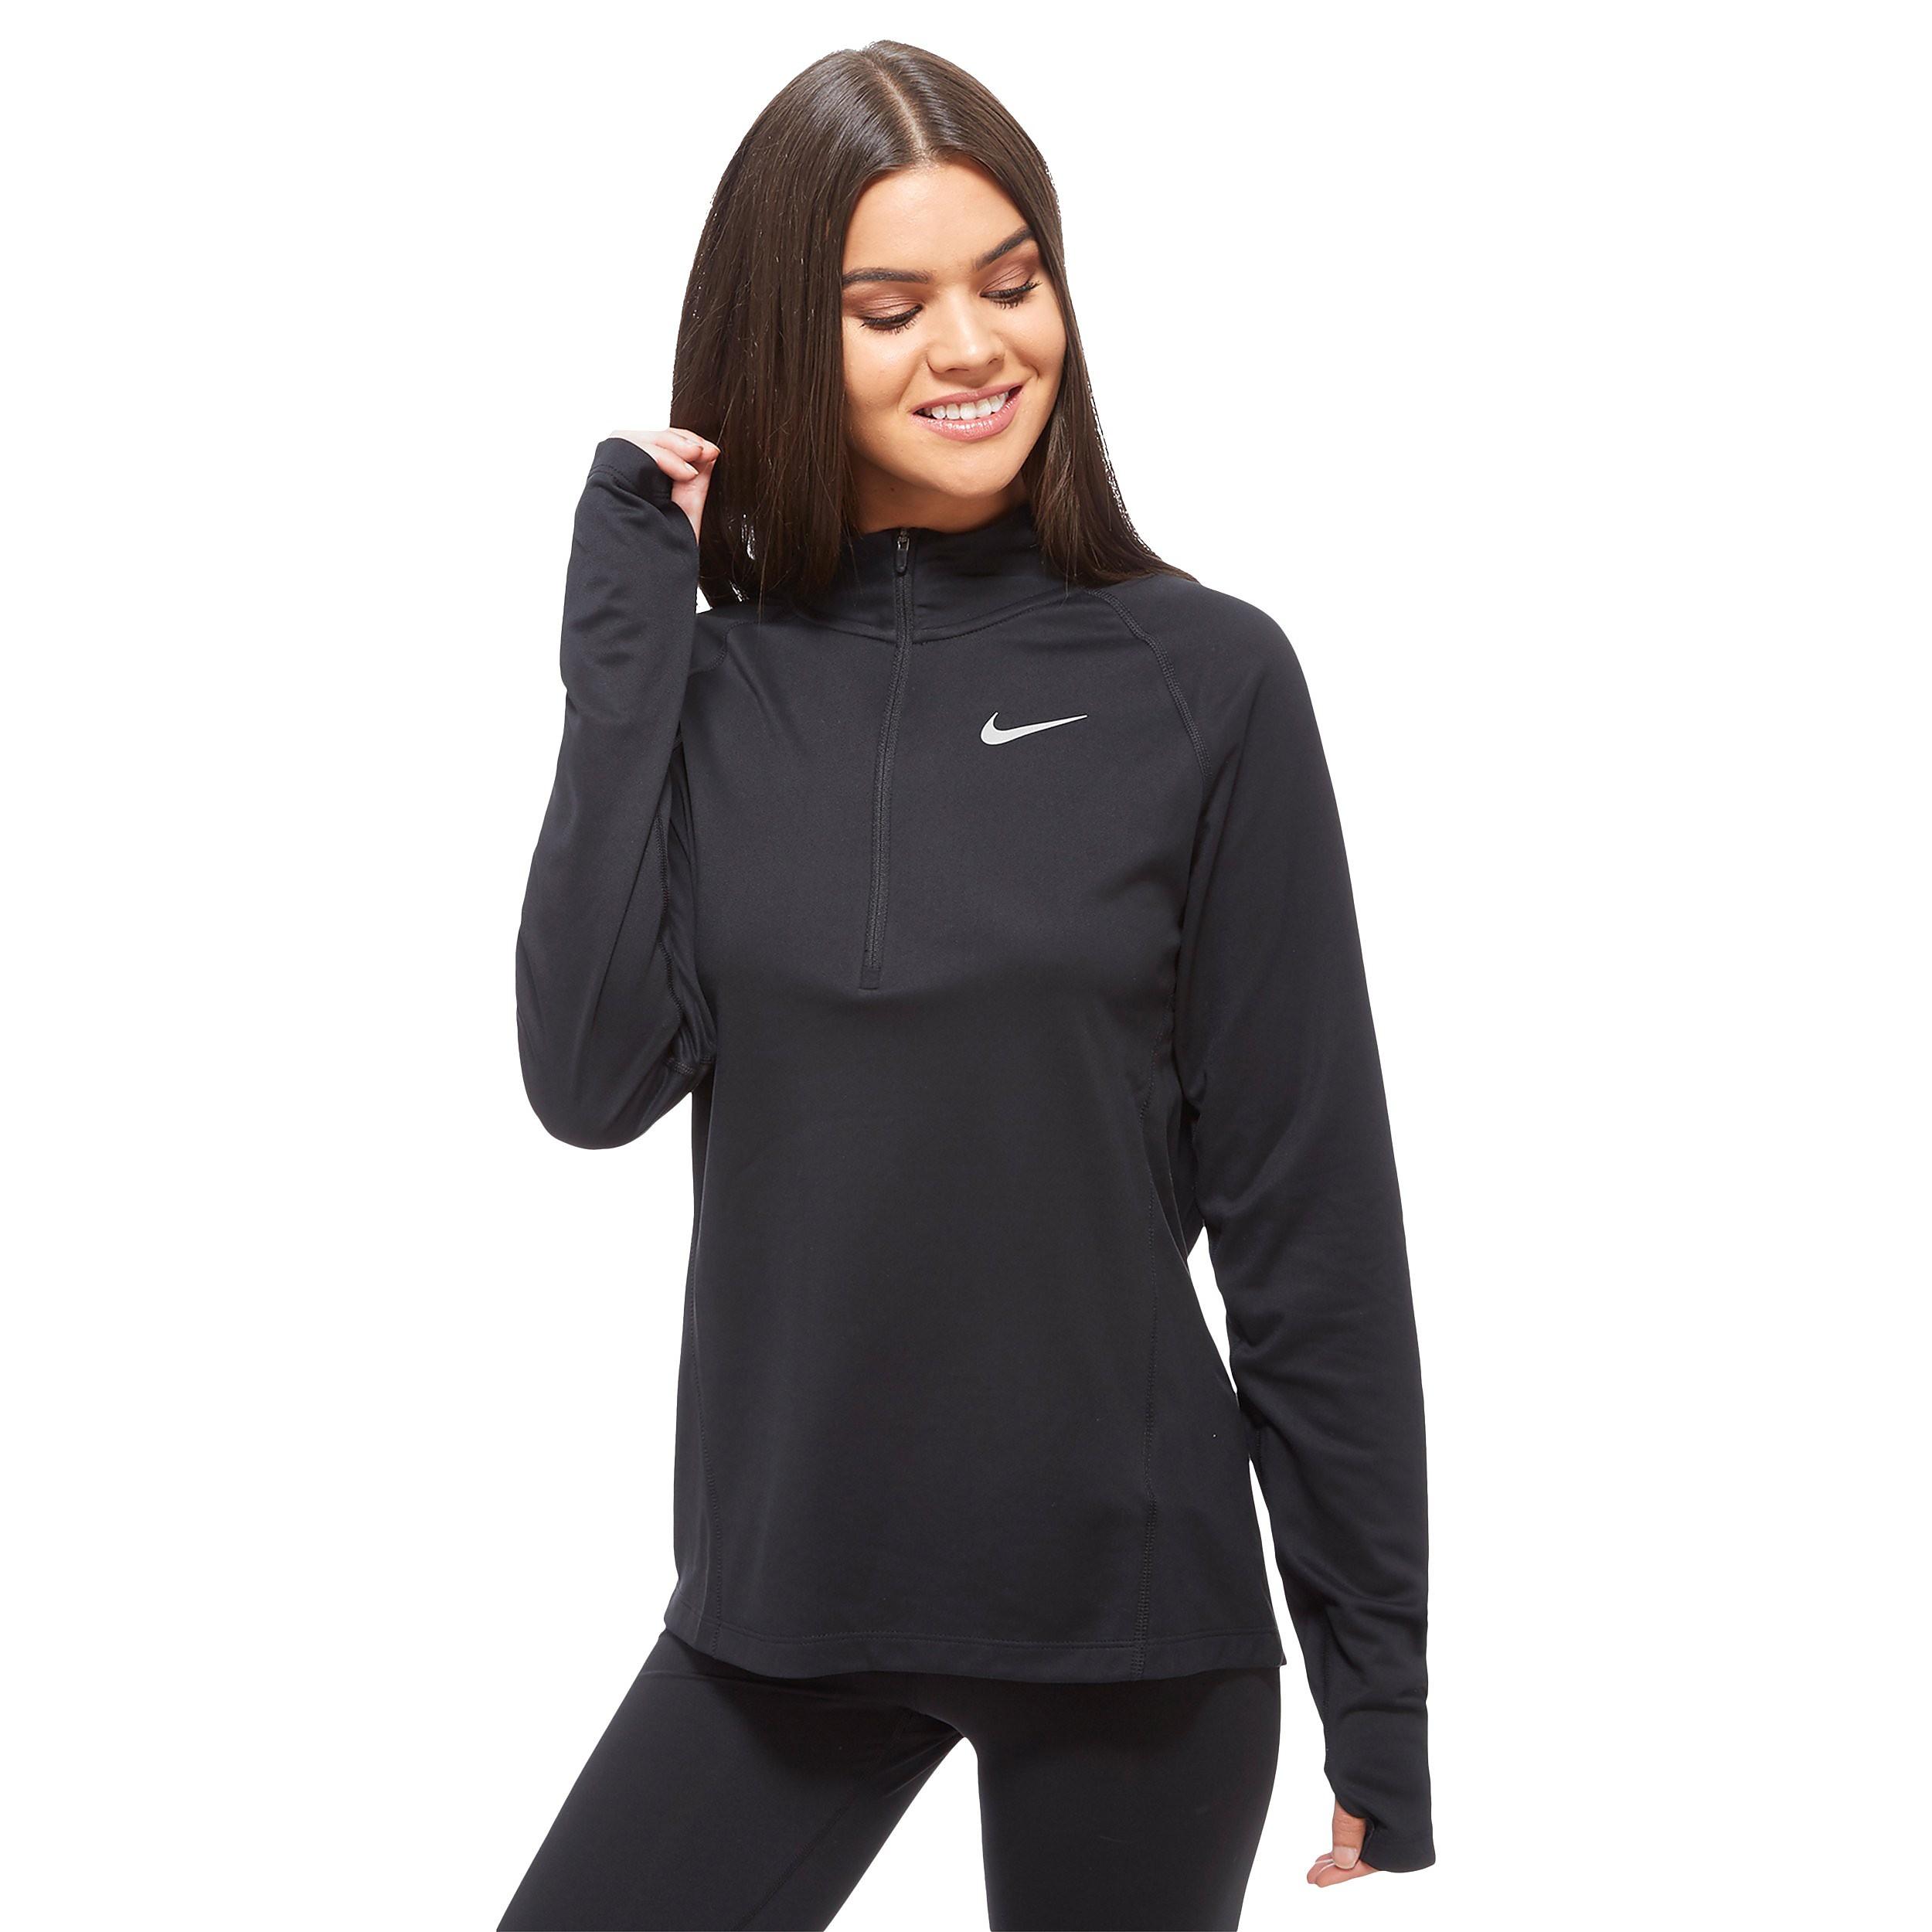 Nike Core Women's Running Top